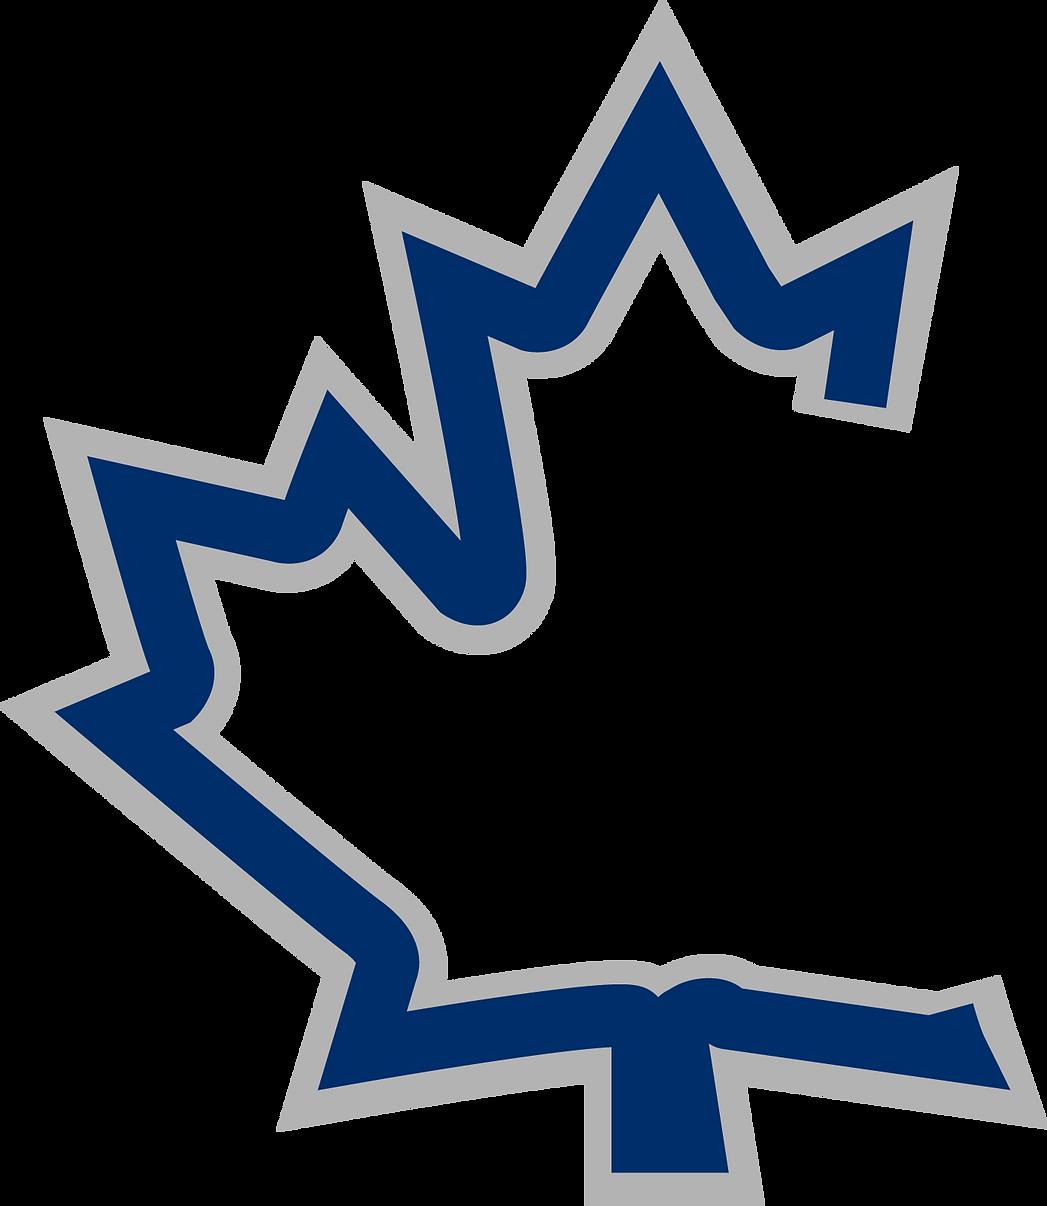 Emblem (Transparent).png